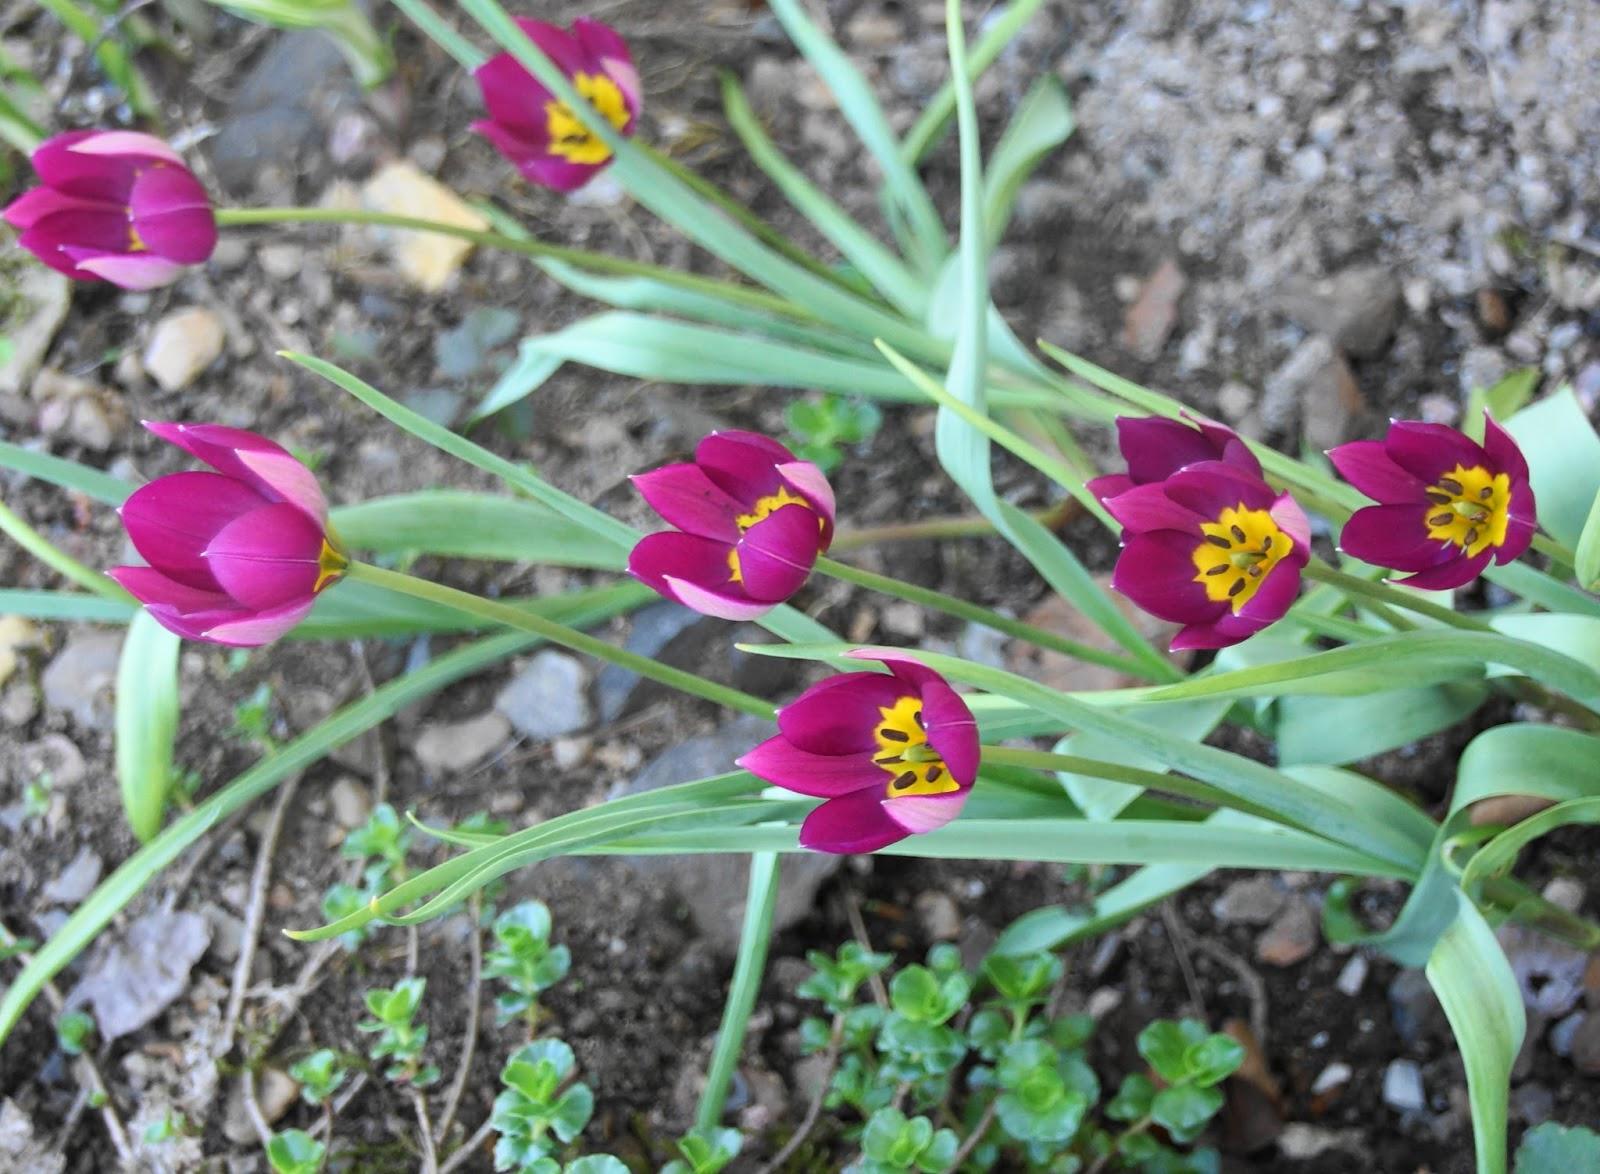 Villroses hage: Botaniske og foredlede tulipaner